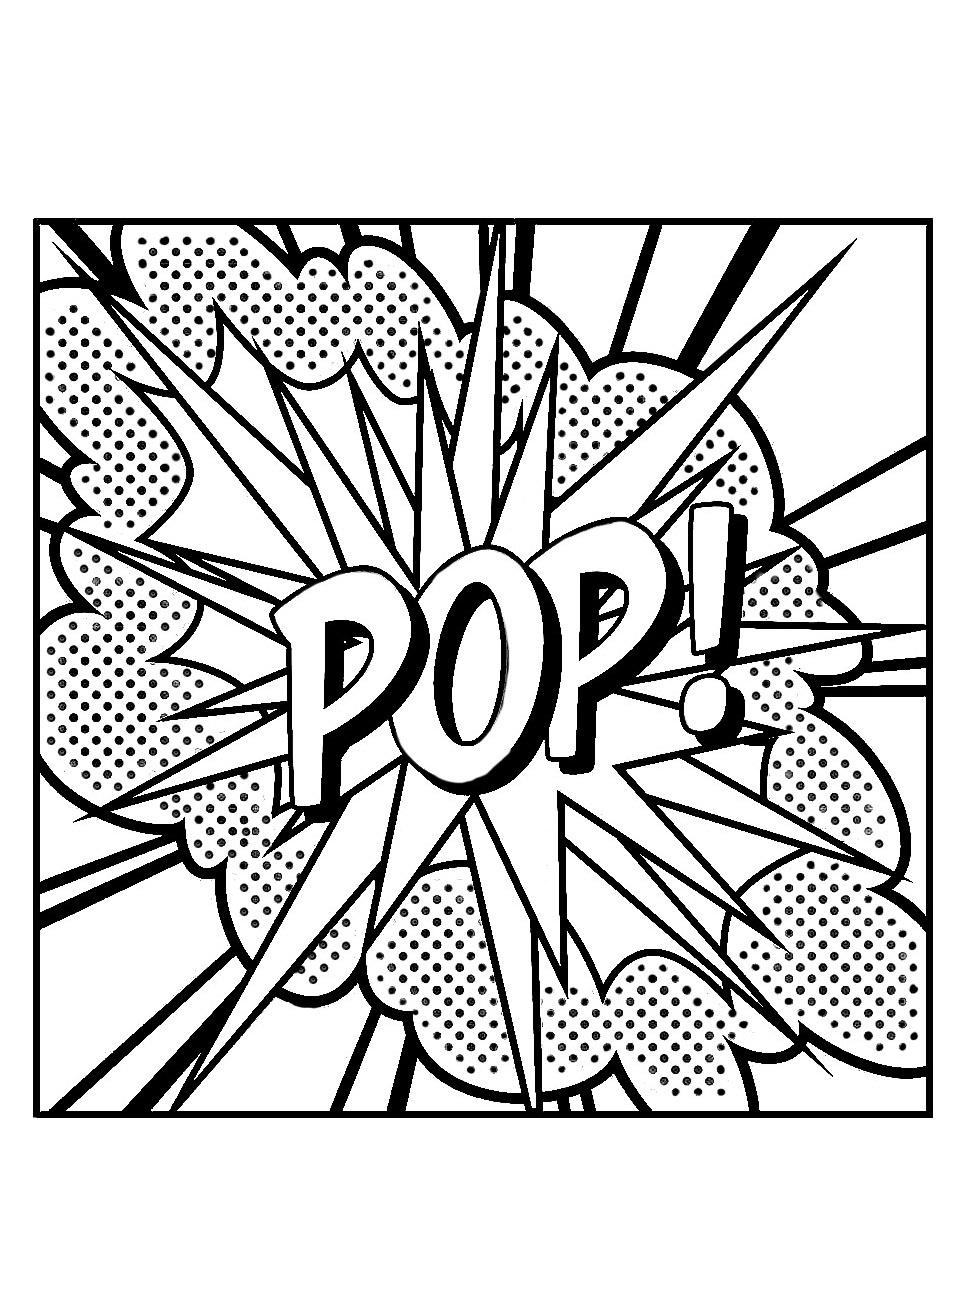 Coloriage 'Pop' inspiré par Roy Lichtenstein